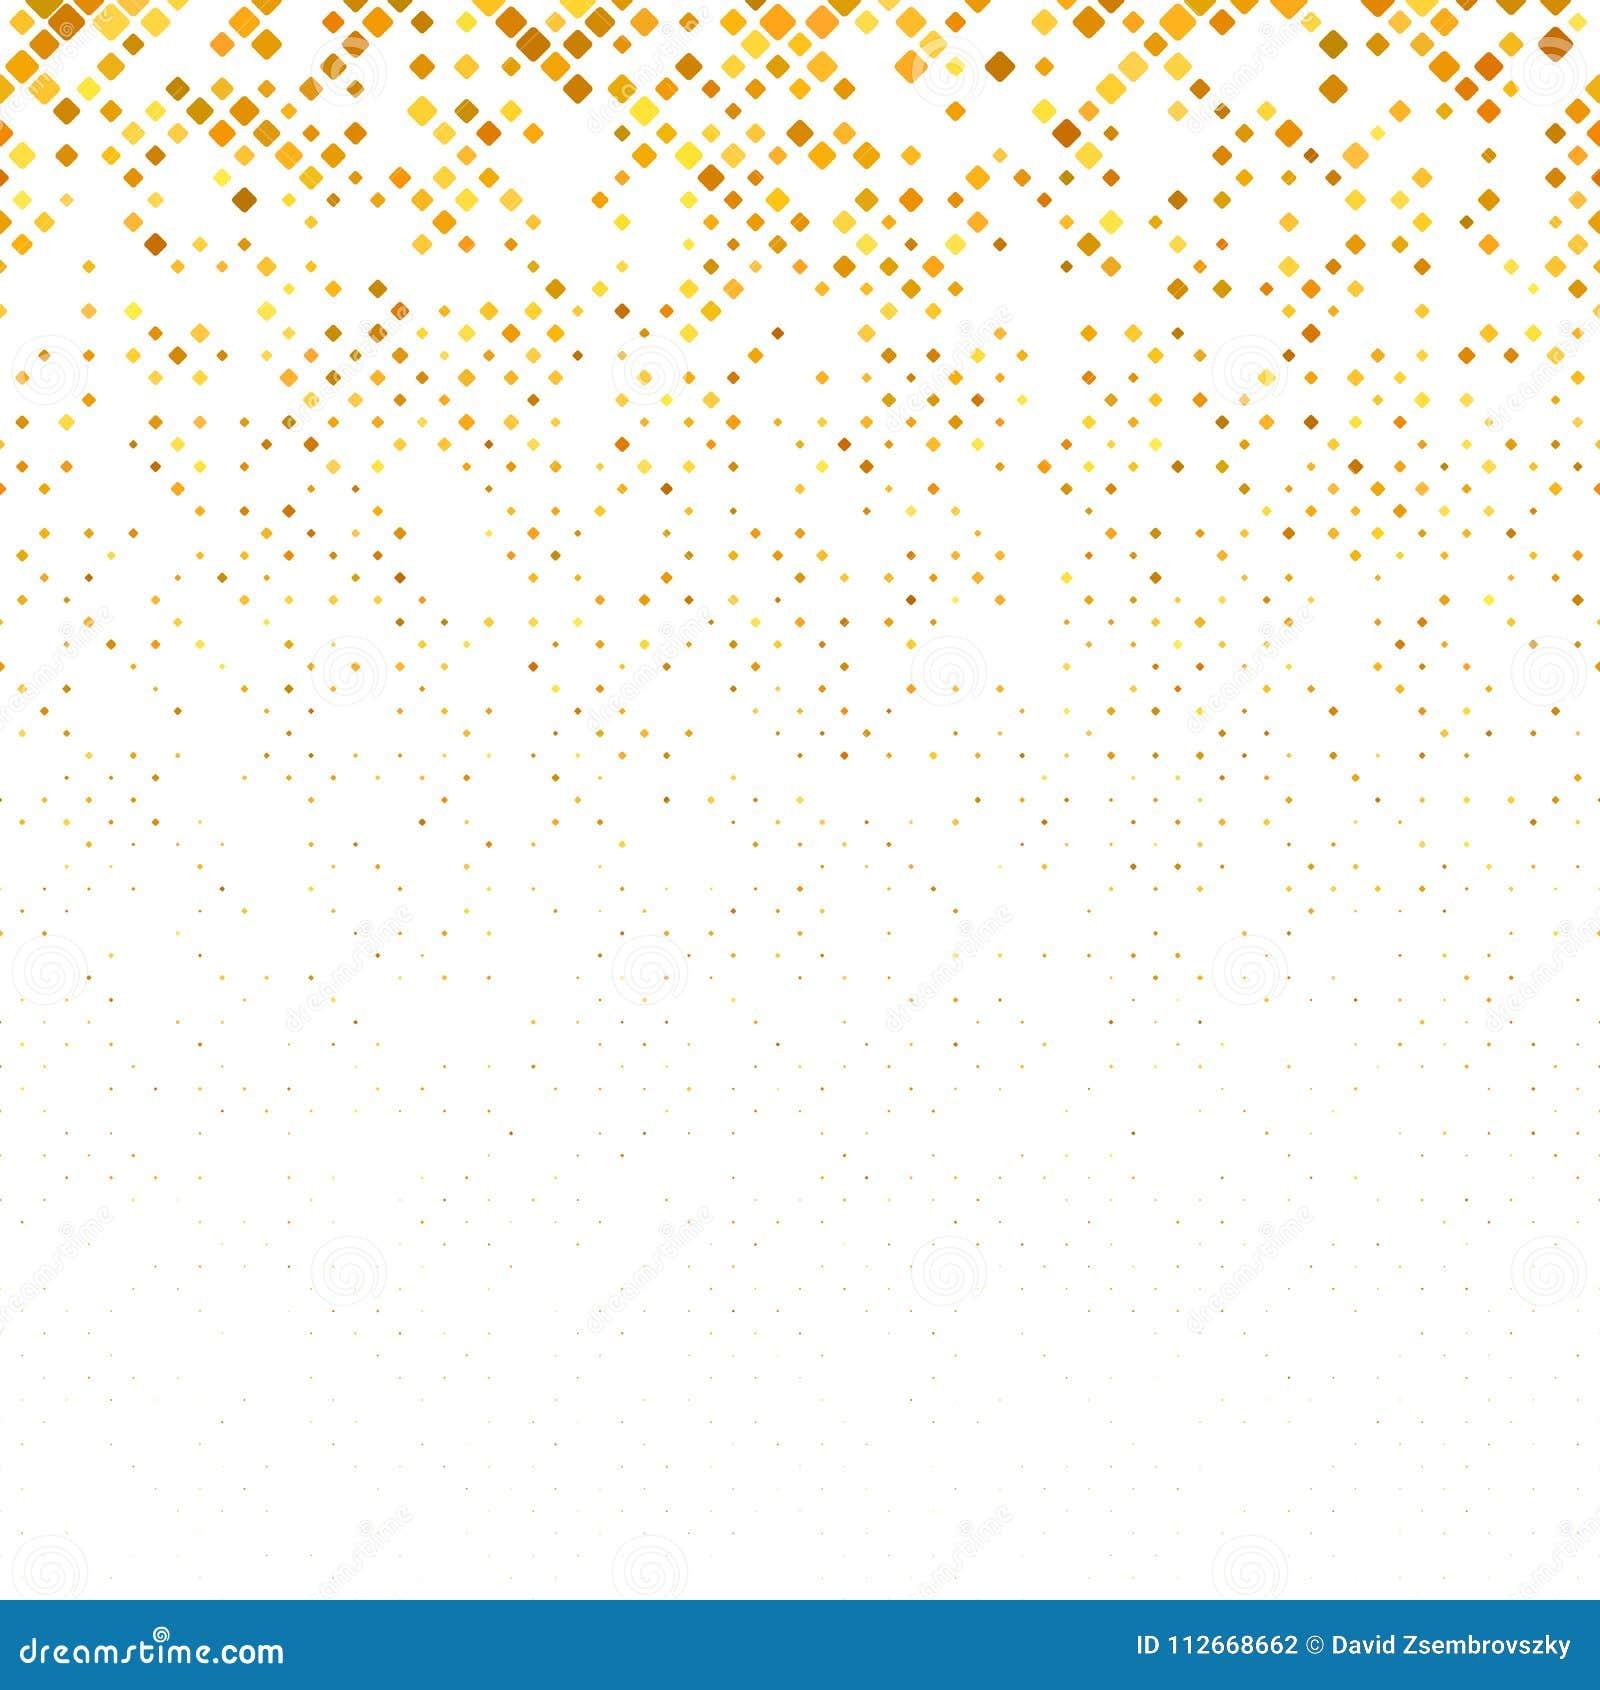 Abstracte geometrische rond gemaakte vierkante patroonachtergrond met vierkanten in variërende grootte